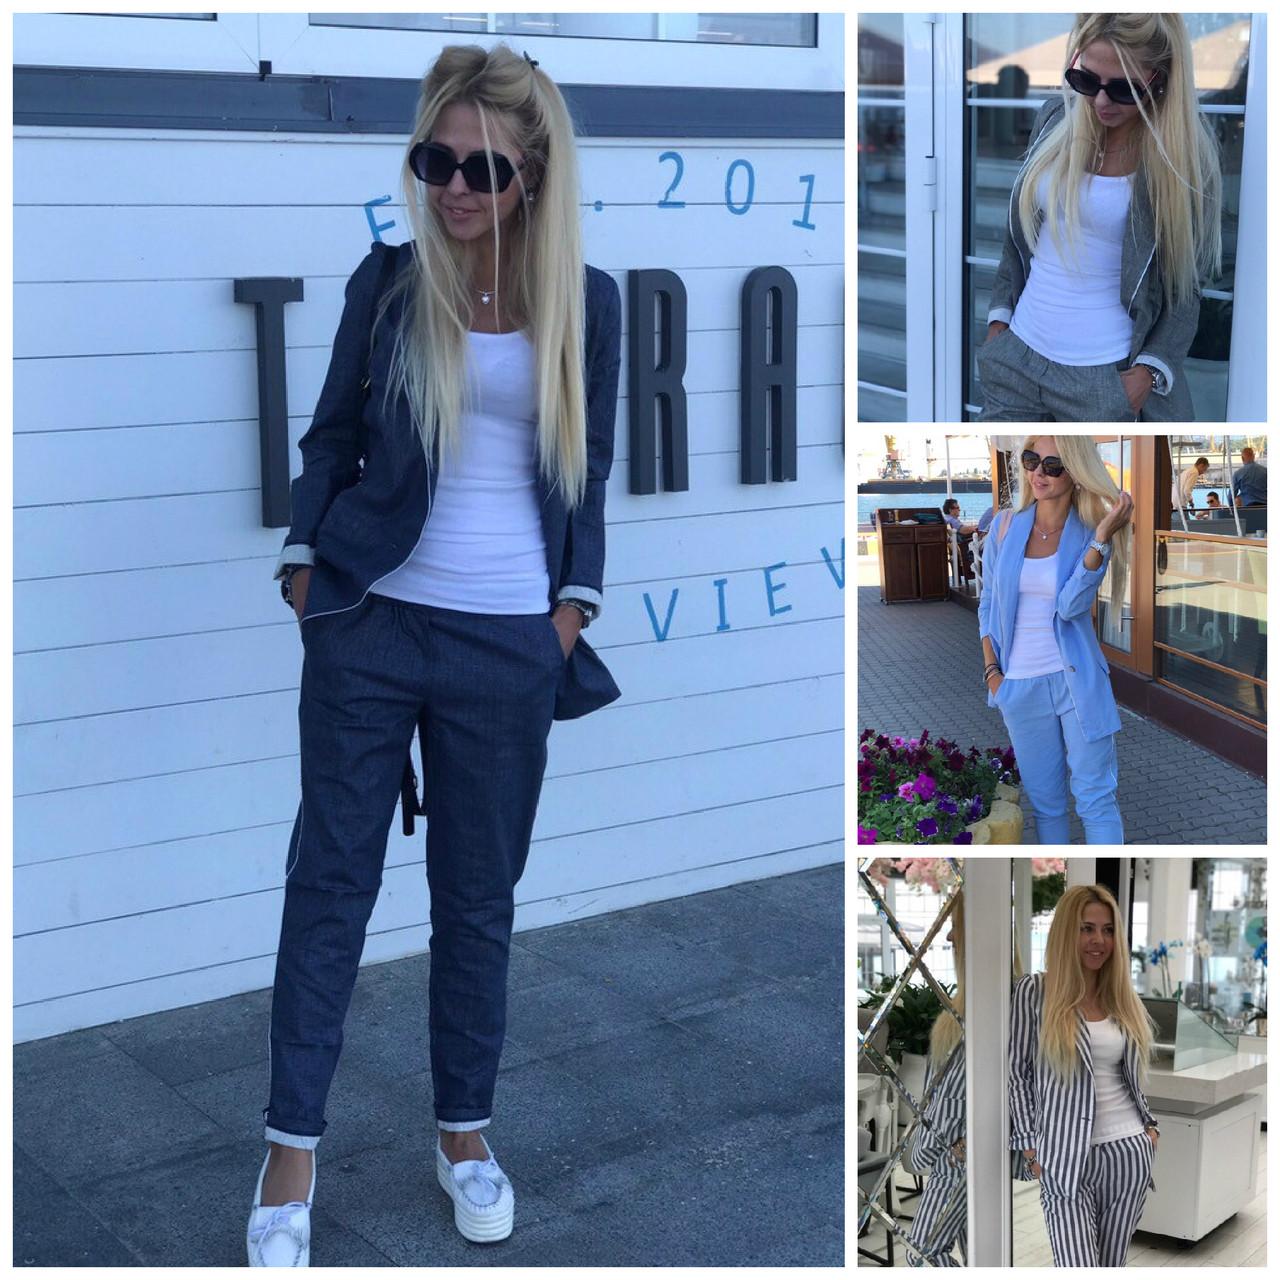 10839cceedd4 Льняной женский костюм пиджак с брюками 17882 - Интернет - магазин одежды  Mixton в Одессе